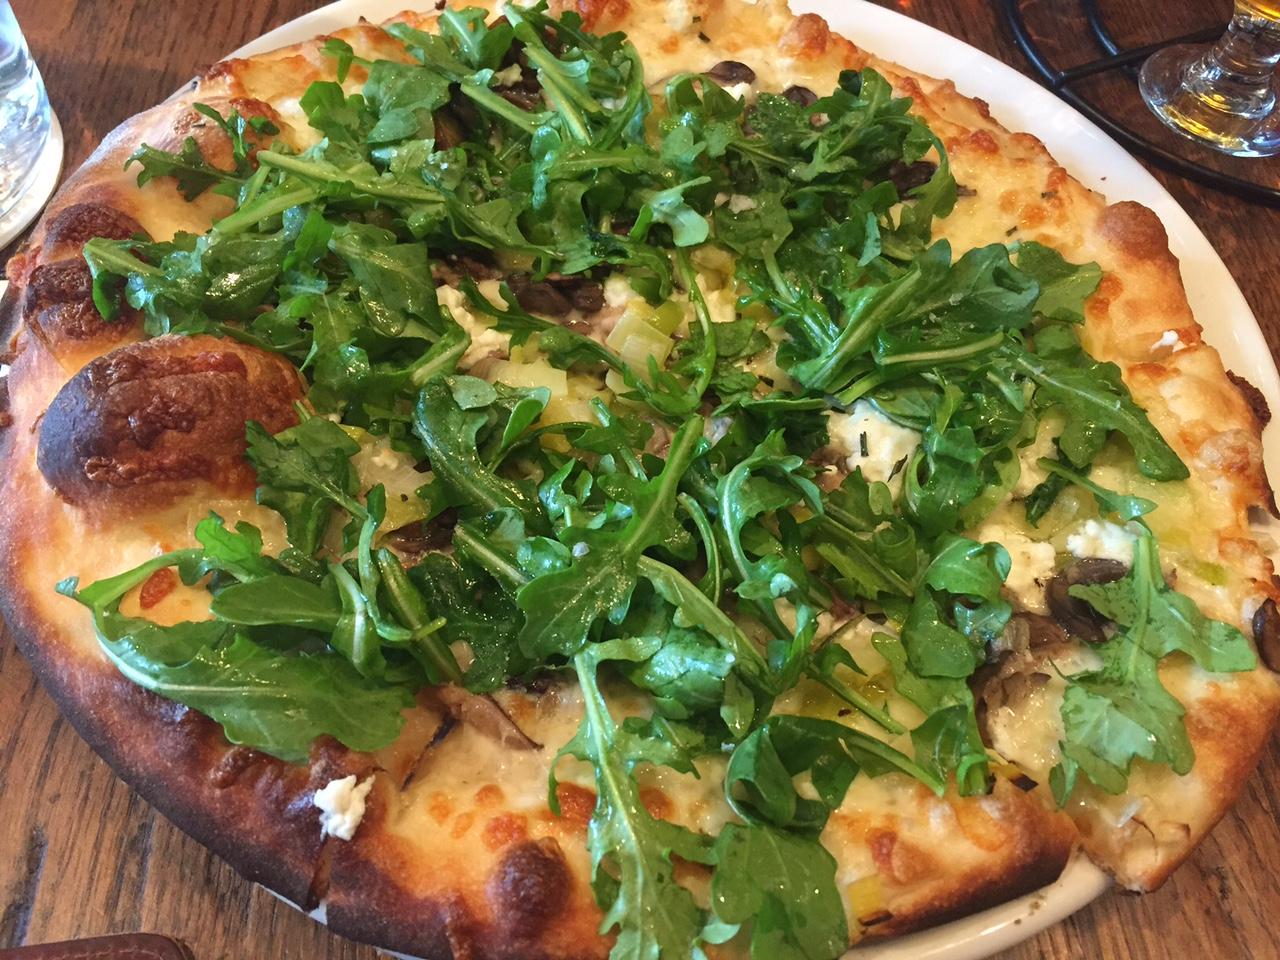 Leek, mushroom, goat cheese, and arugula pizza